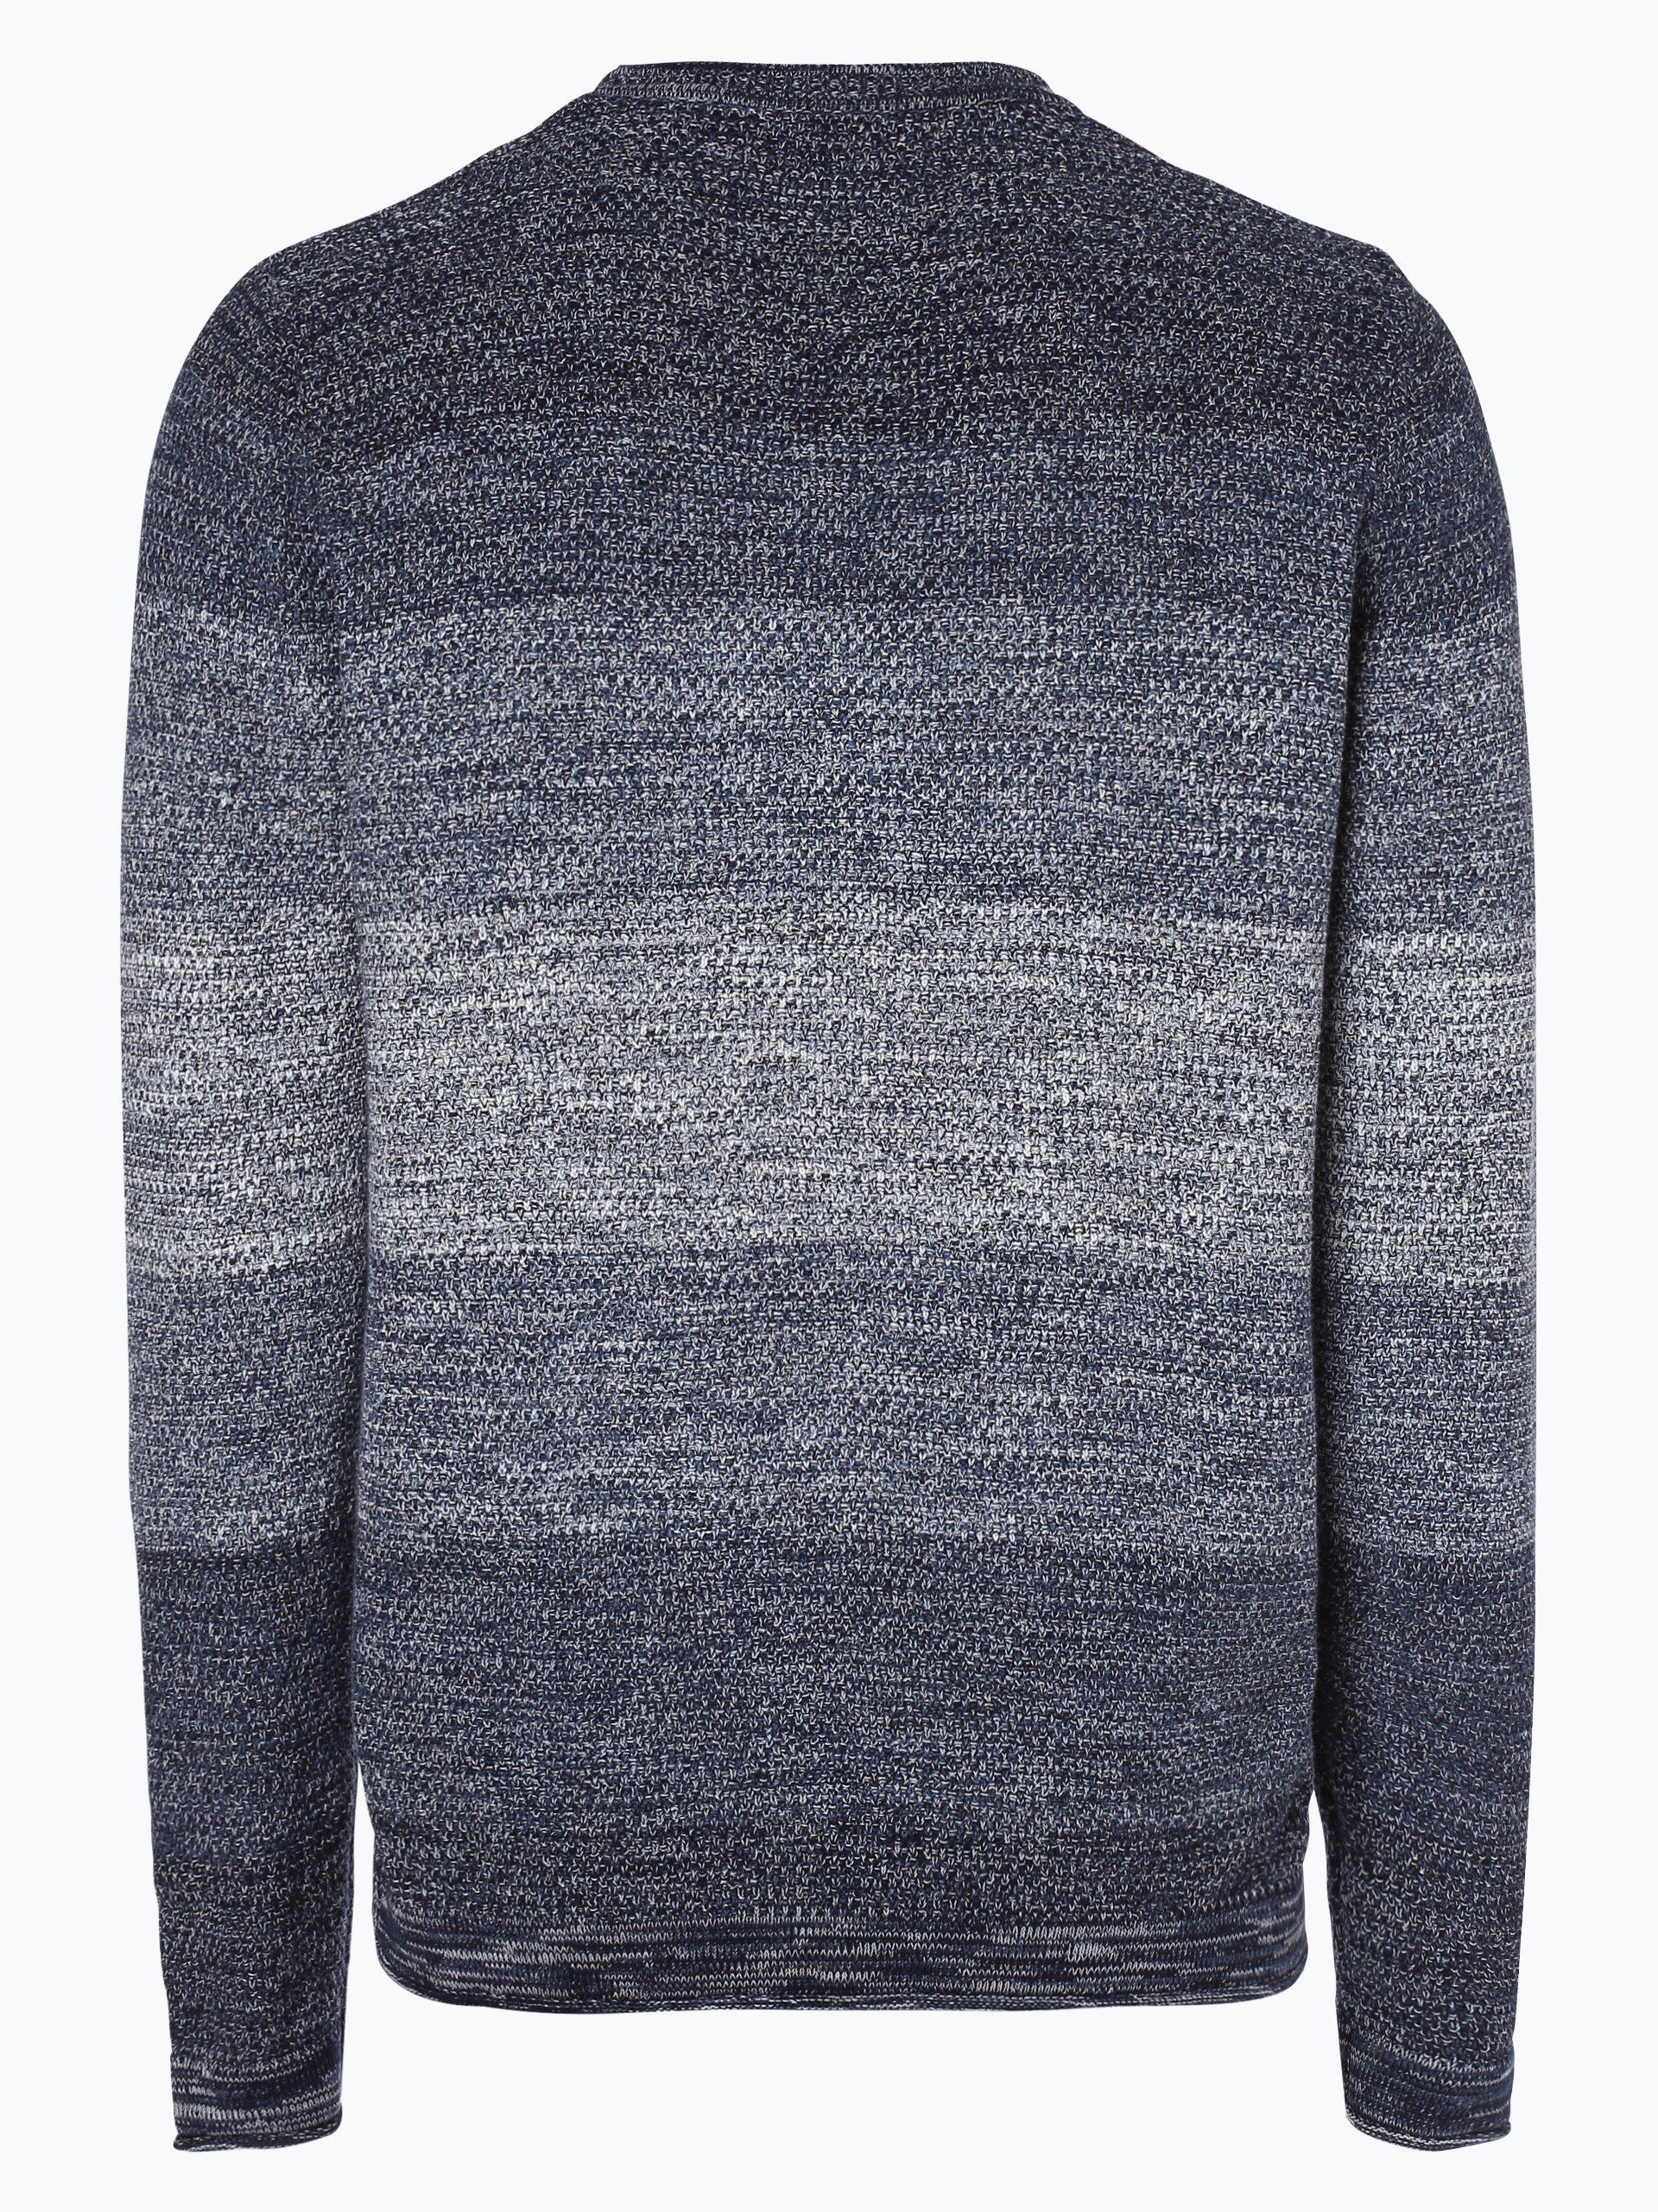 jack jones herren pullover blau gestreift online kaufen. Black Bedroom Furniture Sets. Home Design Ideas